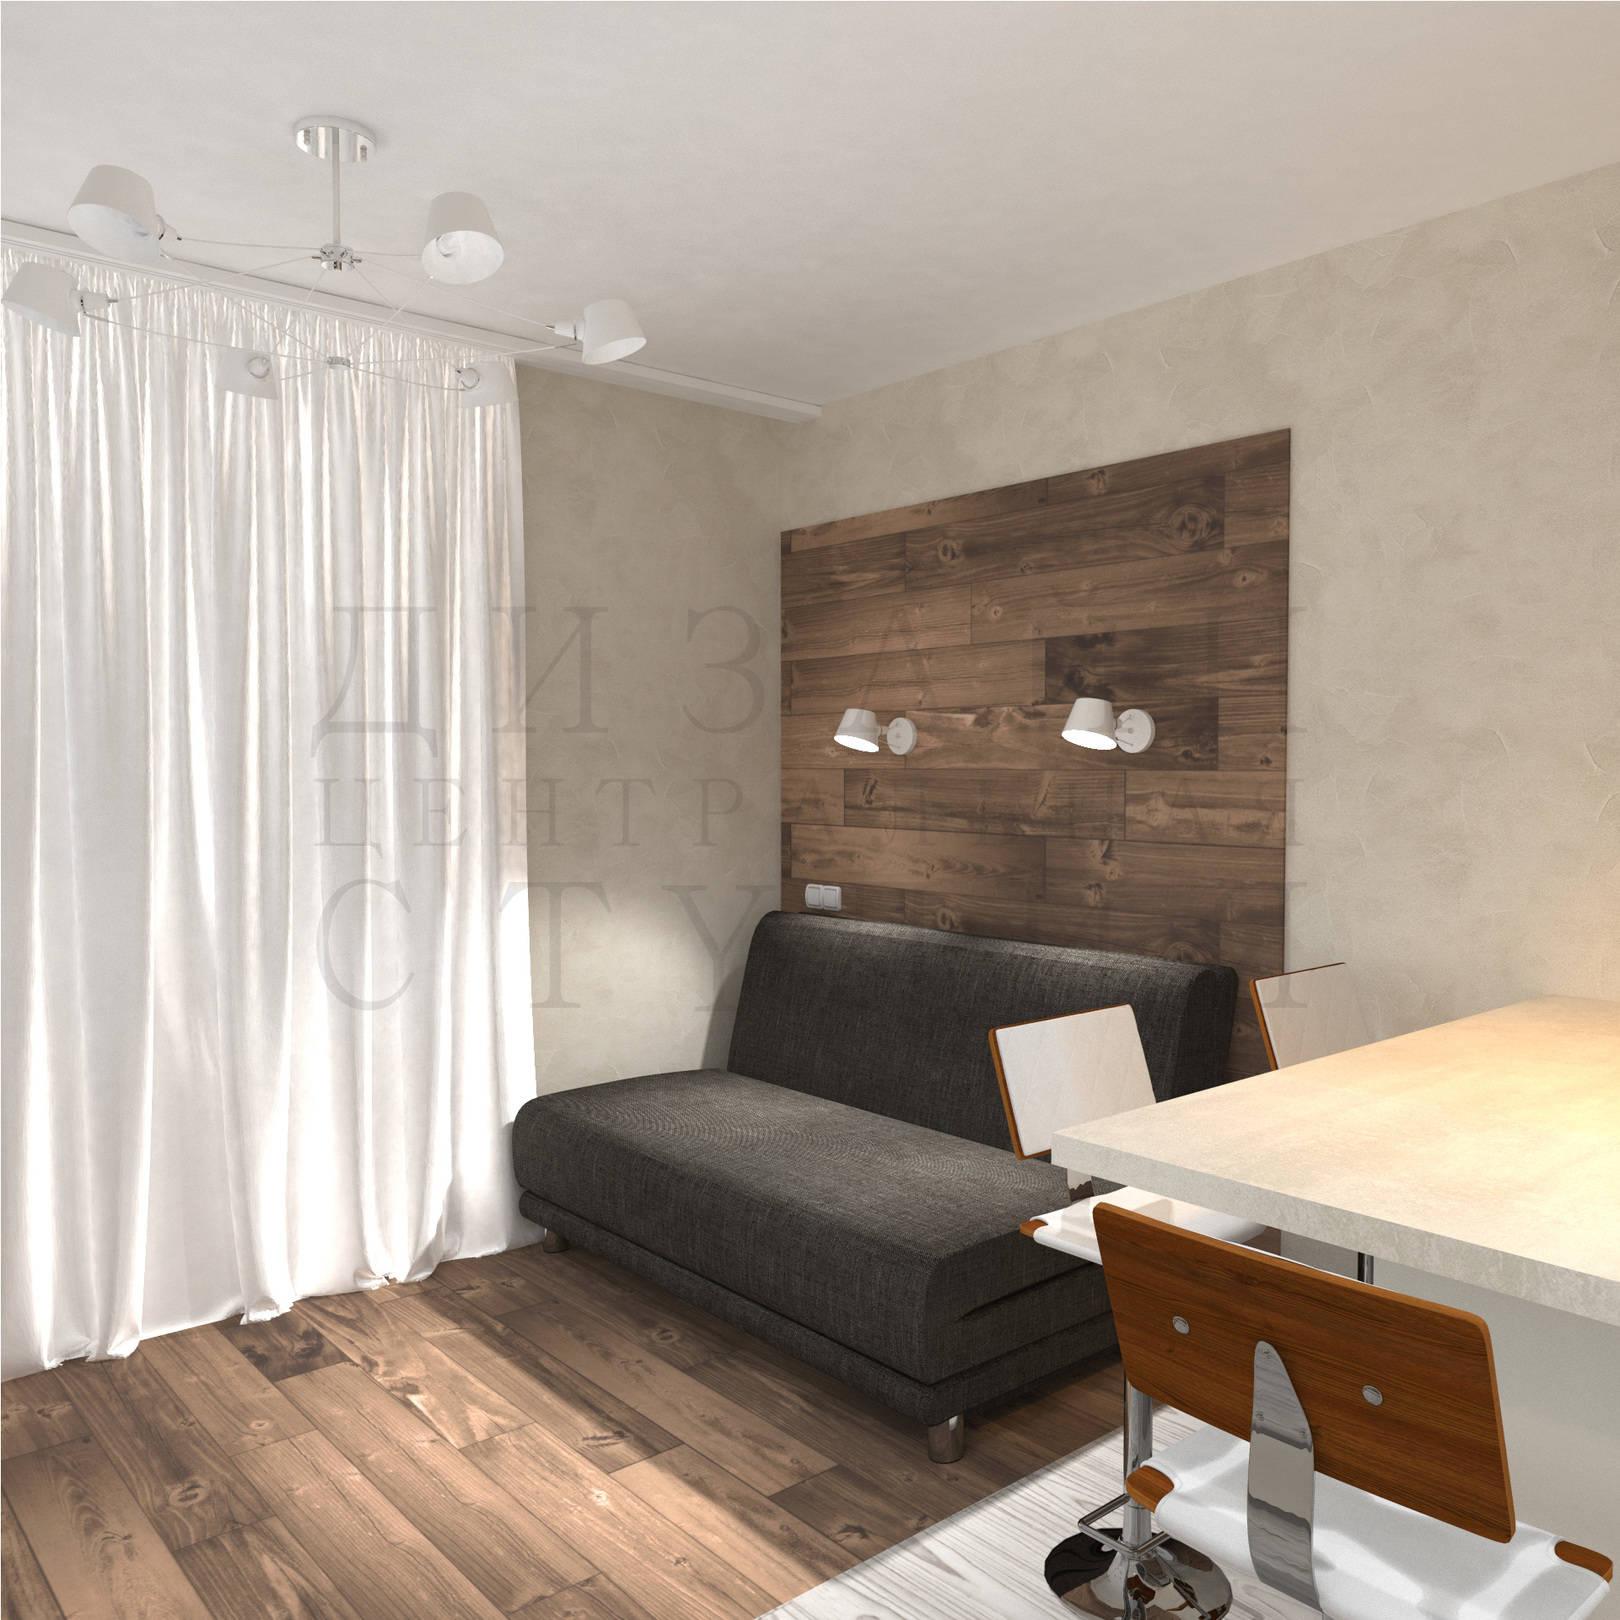 Дизайн интерьера современной гостиной комнаты совмещённой с кухней centraldesignstudio.ru